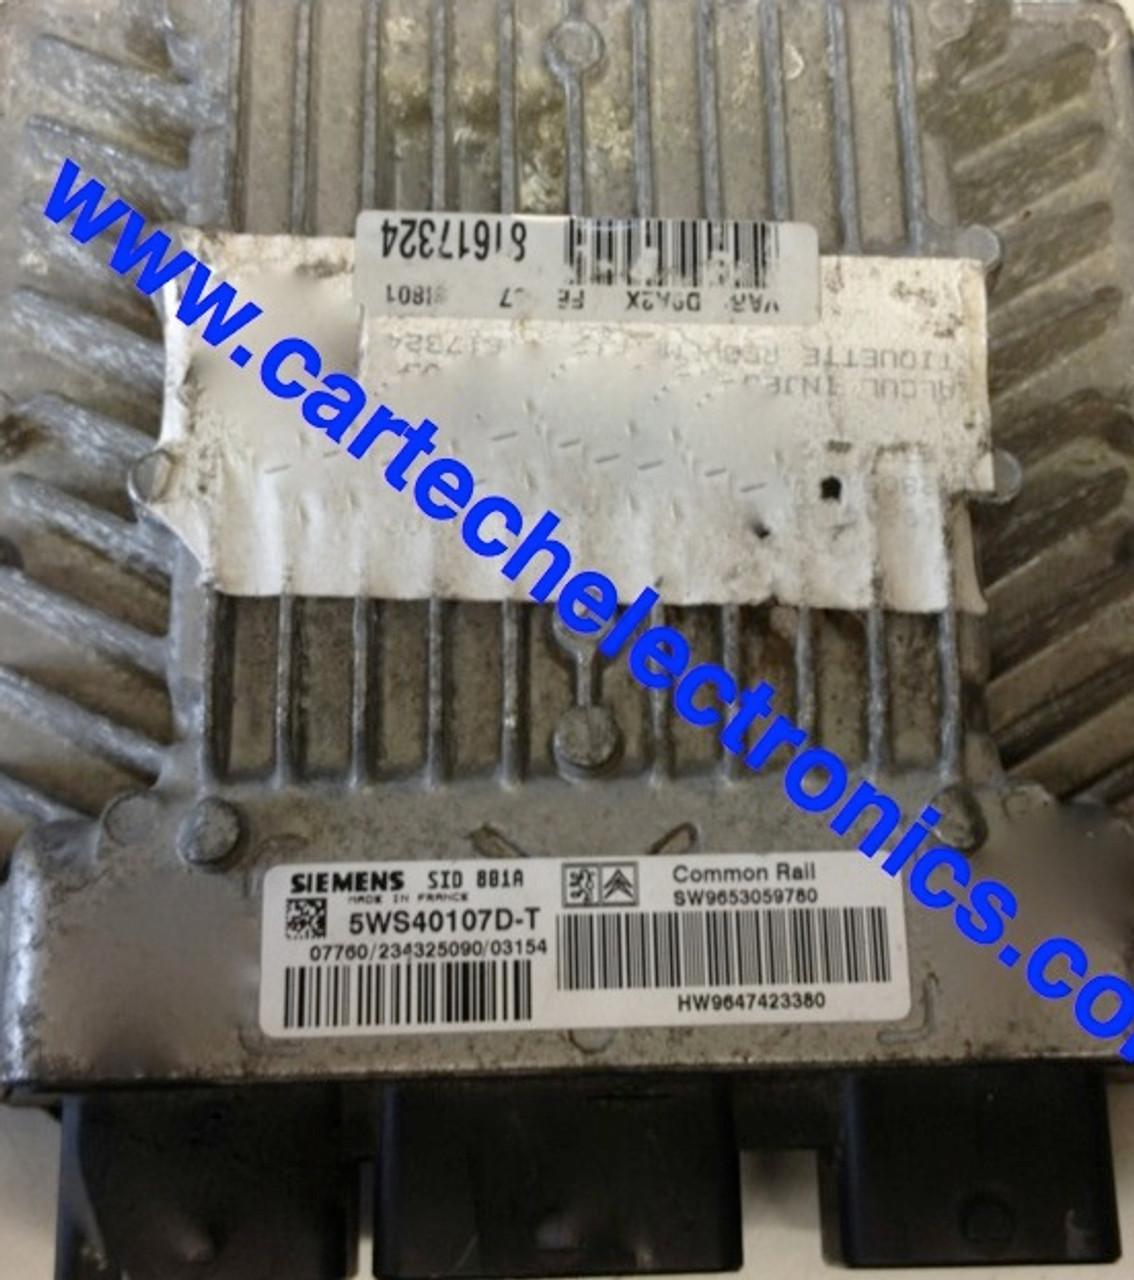 Plug & Play Engine ECU SIEMENS SID 801A 5WS40107D-T SW9653059780 HW9647423380